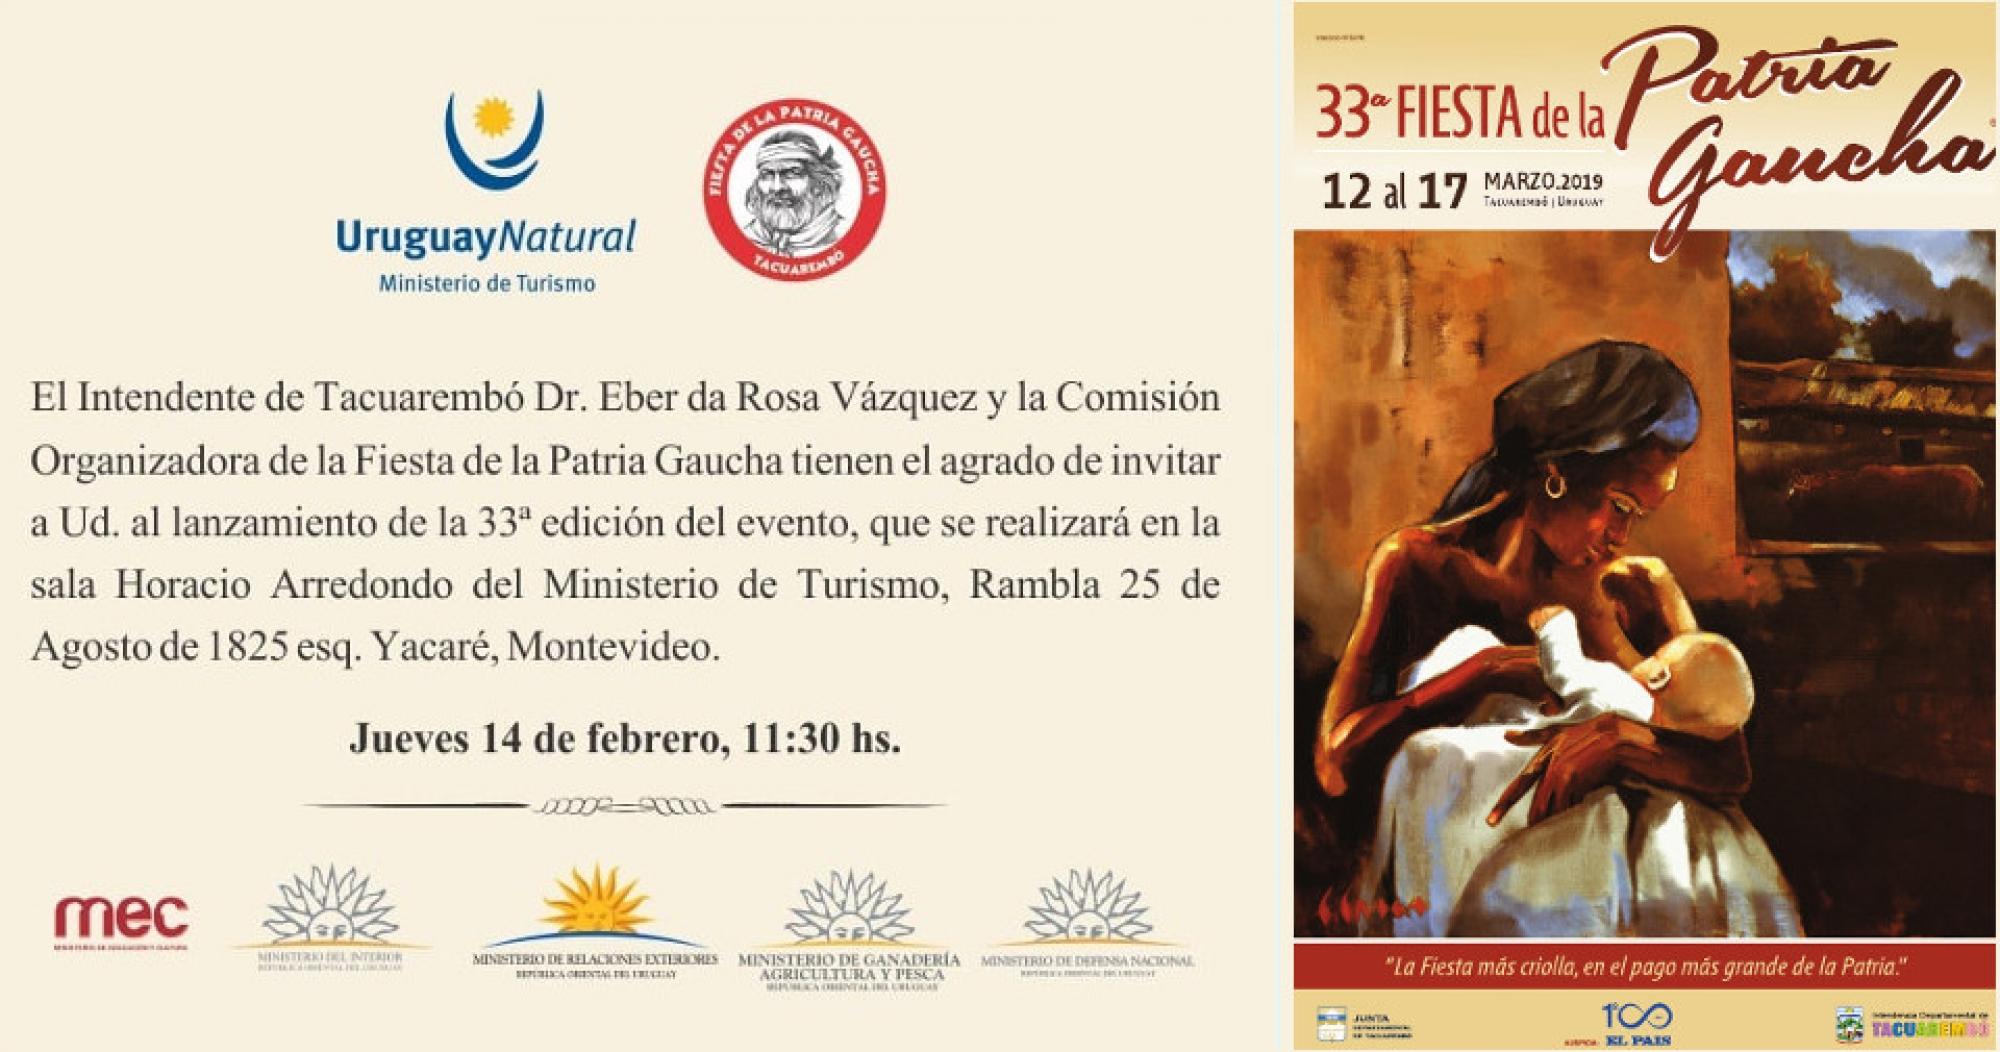 Lanzamiento de la 33a. Fiesta de la Patria Gaucha en Montevideo